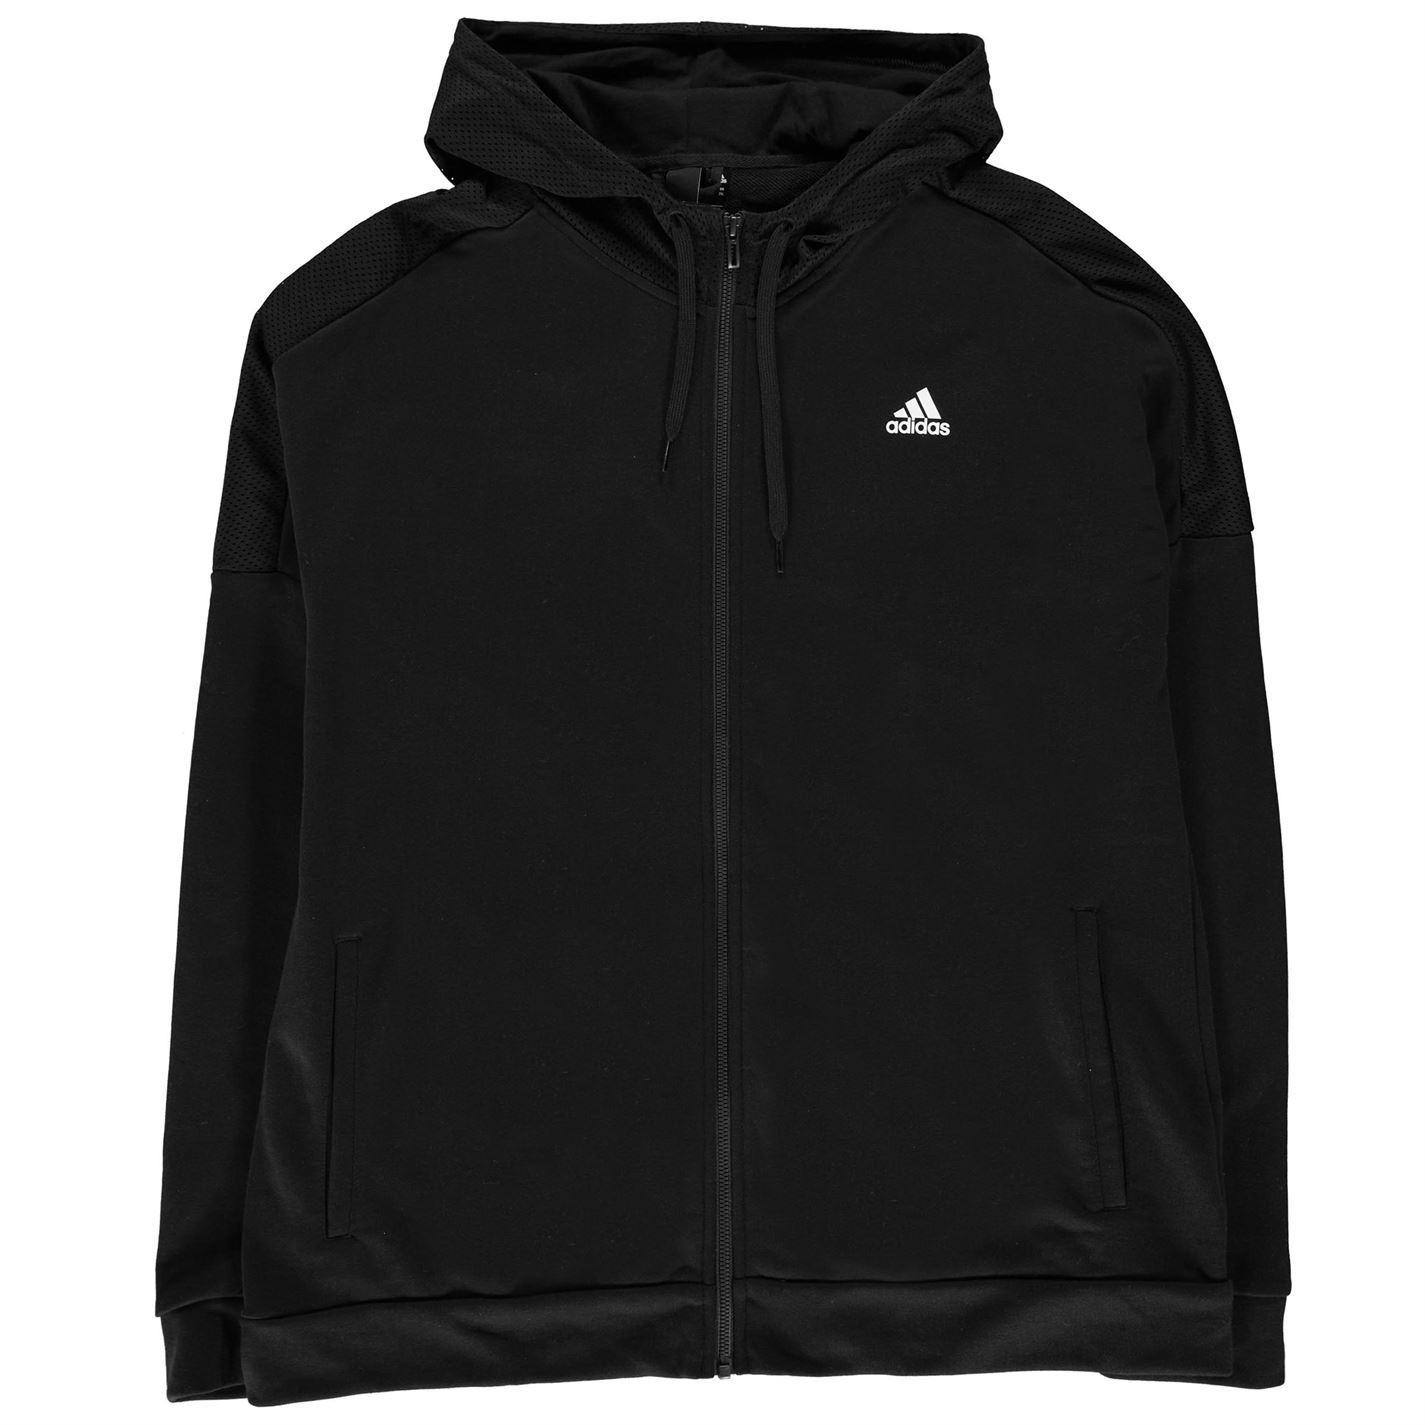 9099aaef98183 ... adidas Sport ID Full Zip Hoody Mens Hoodie Top Sweatshirt Sweater